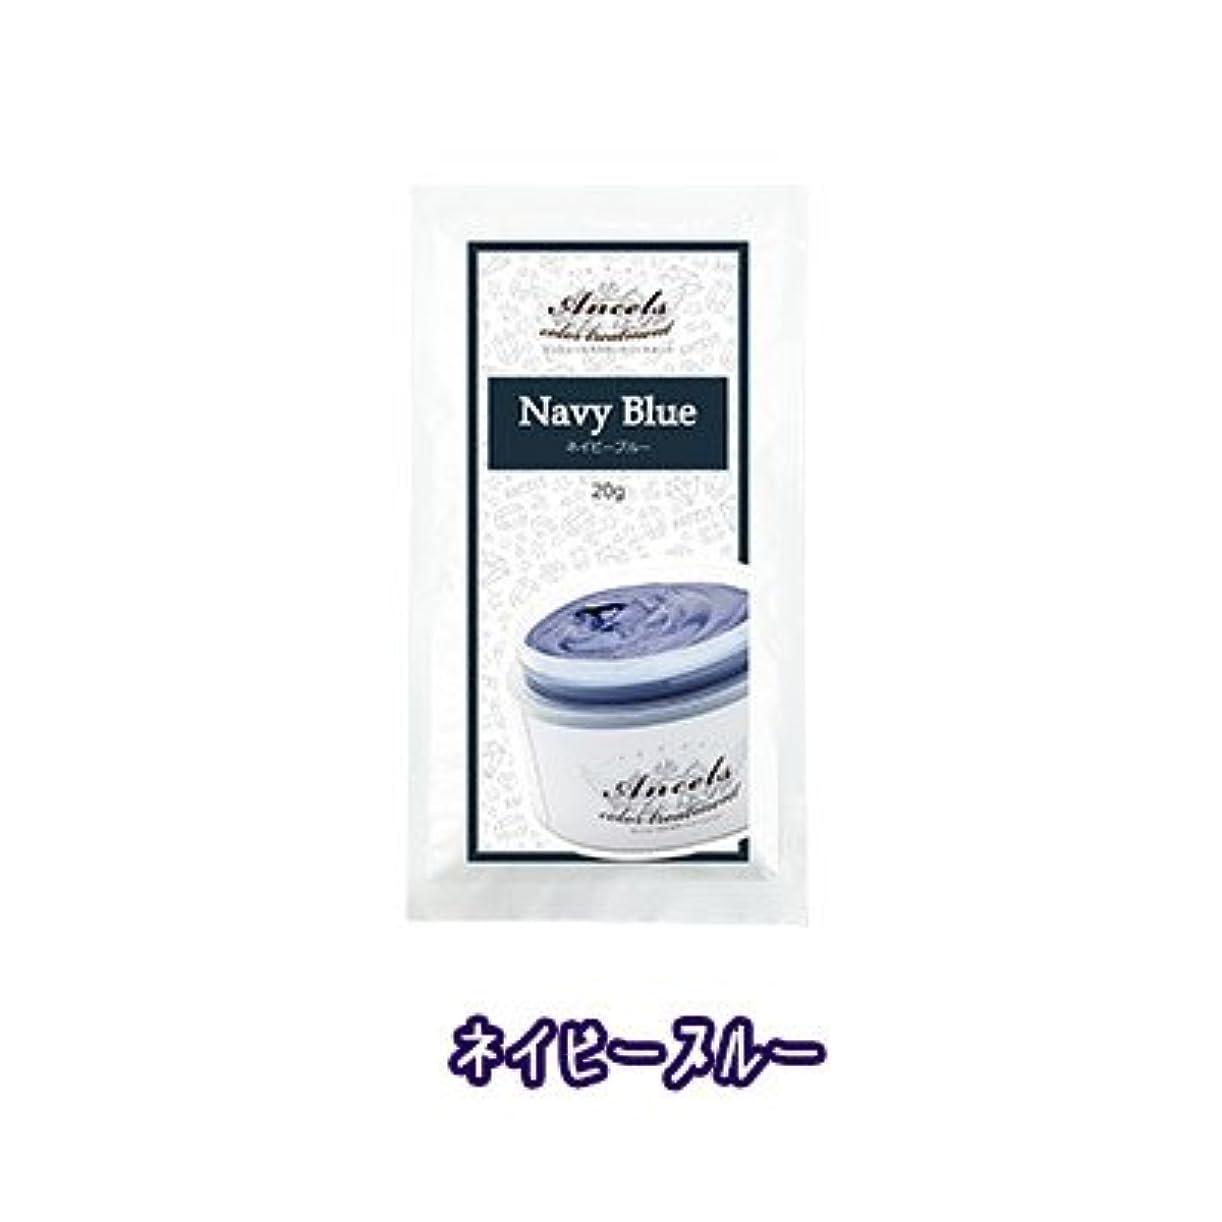 厚いスリット貝殻エンシェールズ カラートリートメントバター プチ(お試しサイズ) ネイビーブルー 20g